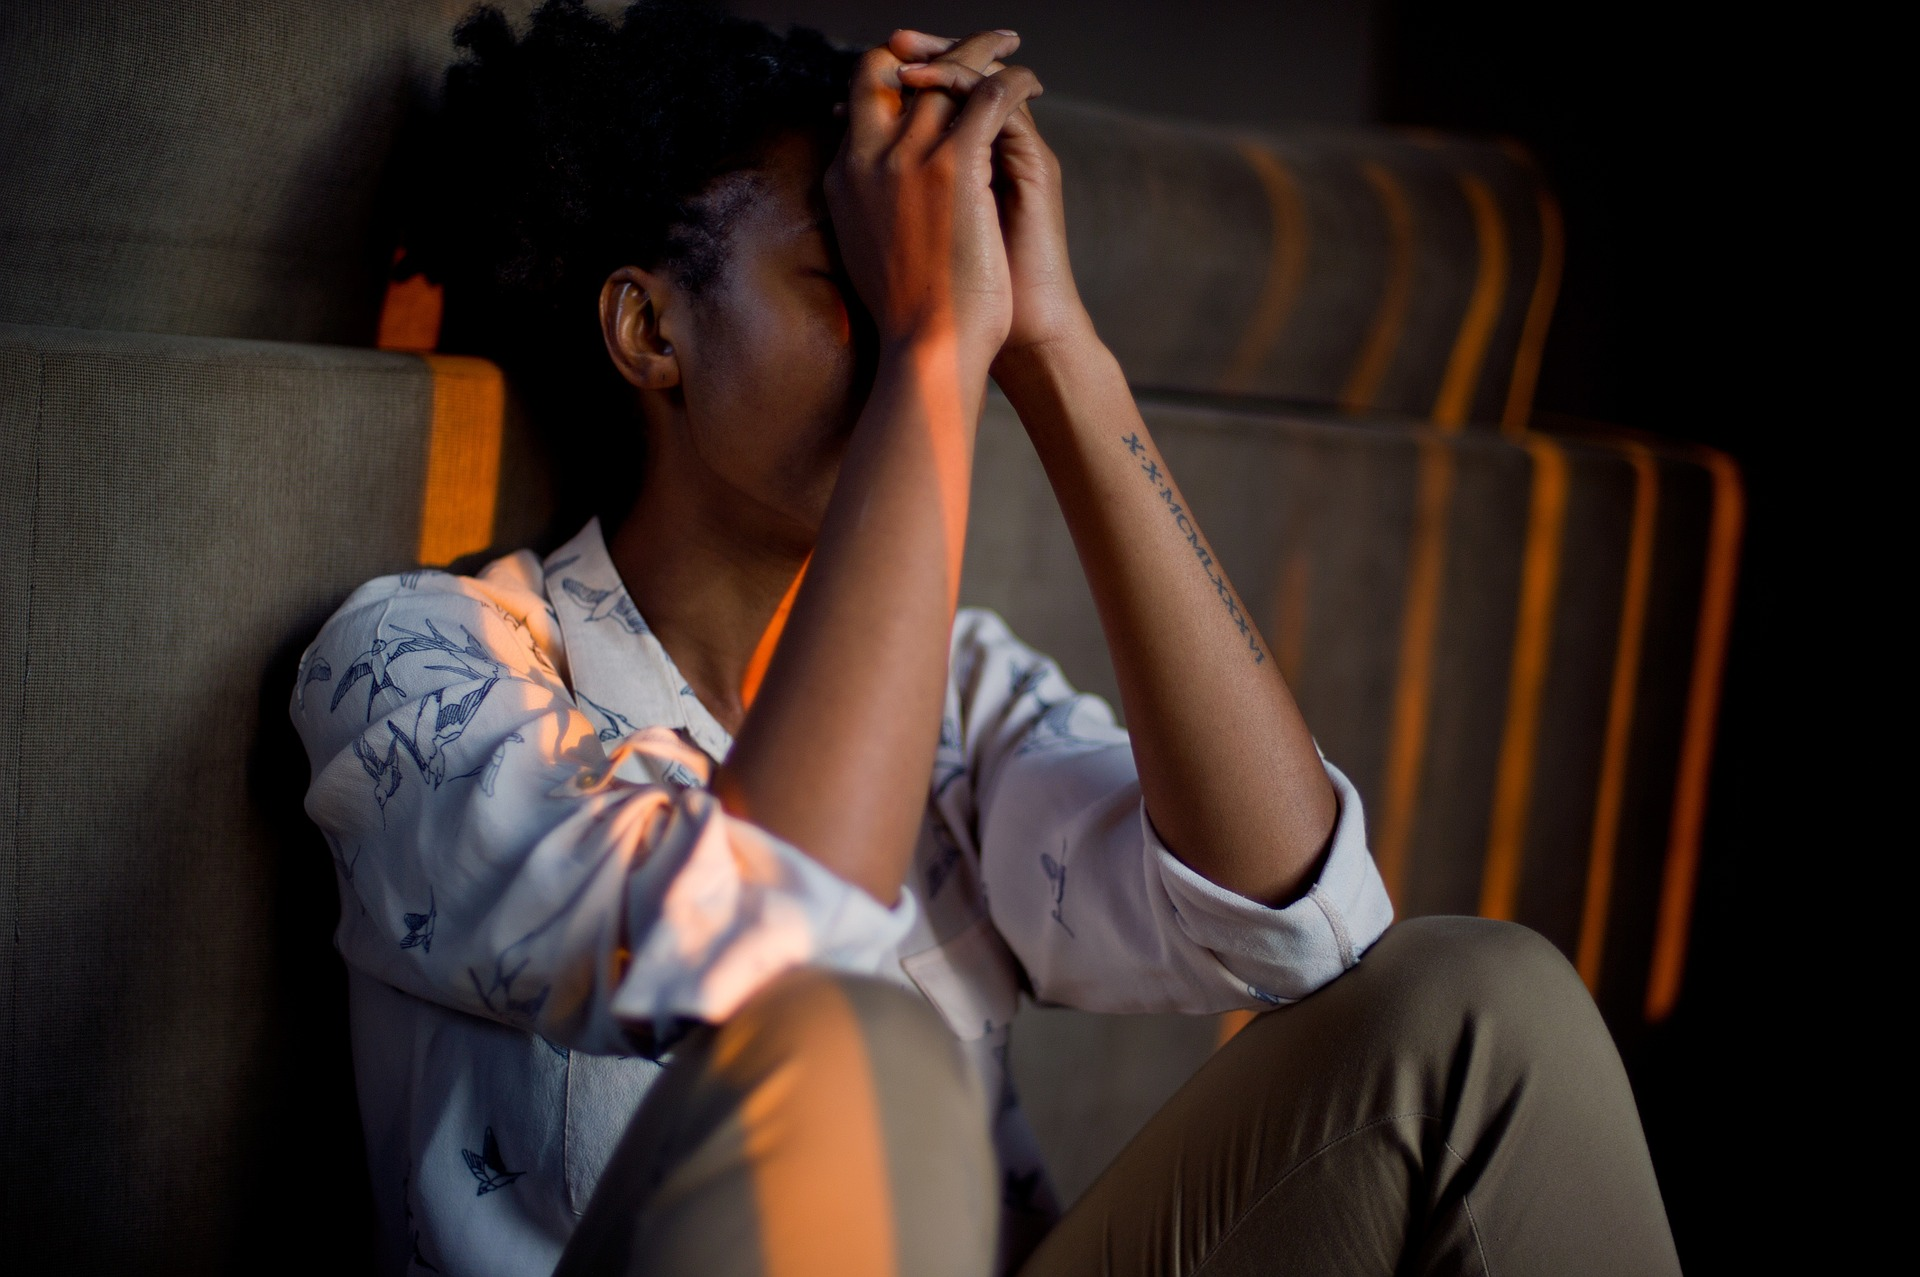 リモートワークにもストレスがある?その解消方法とは?